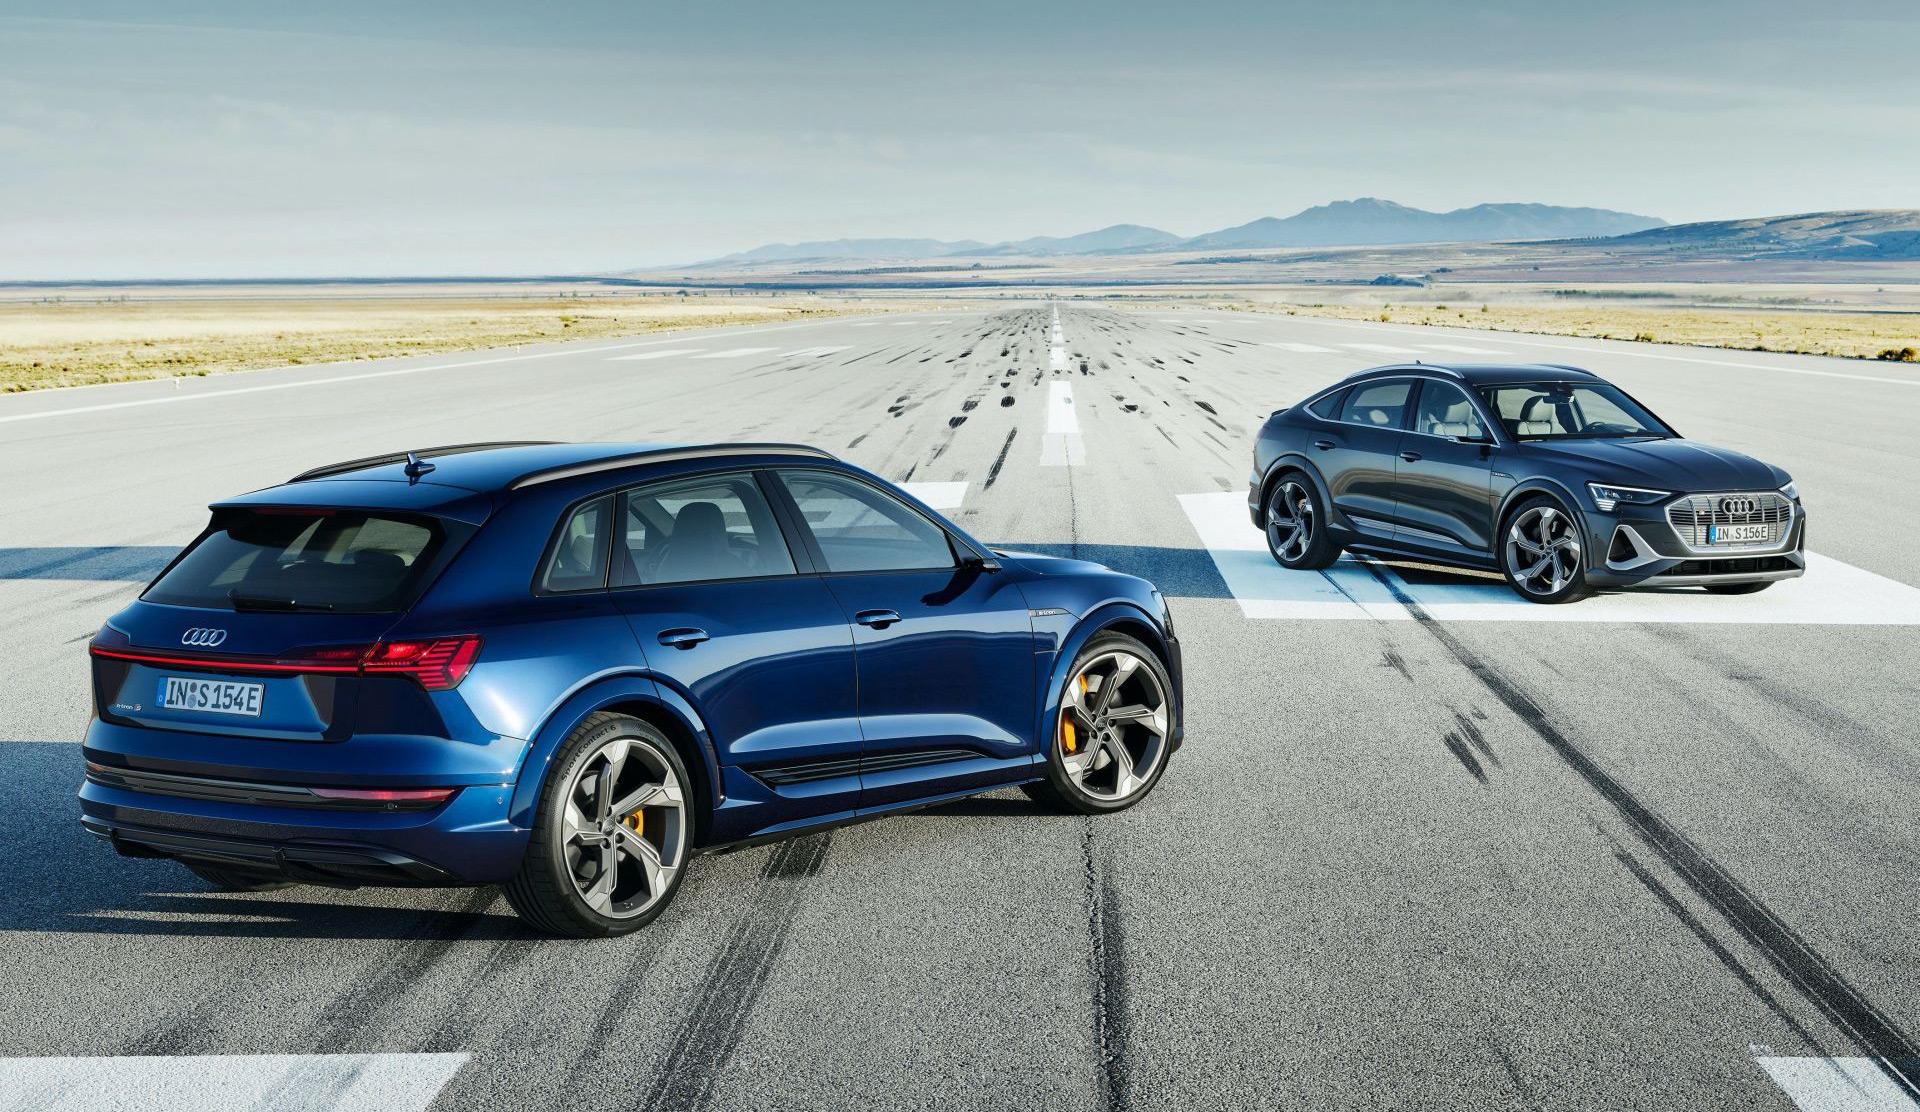 Kelebihan Etron Audi Top Model Tahun Ini